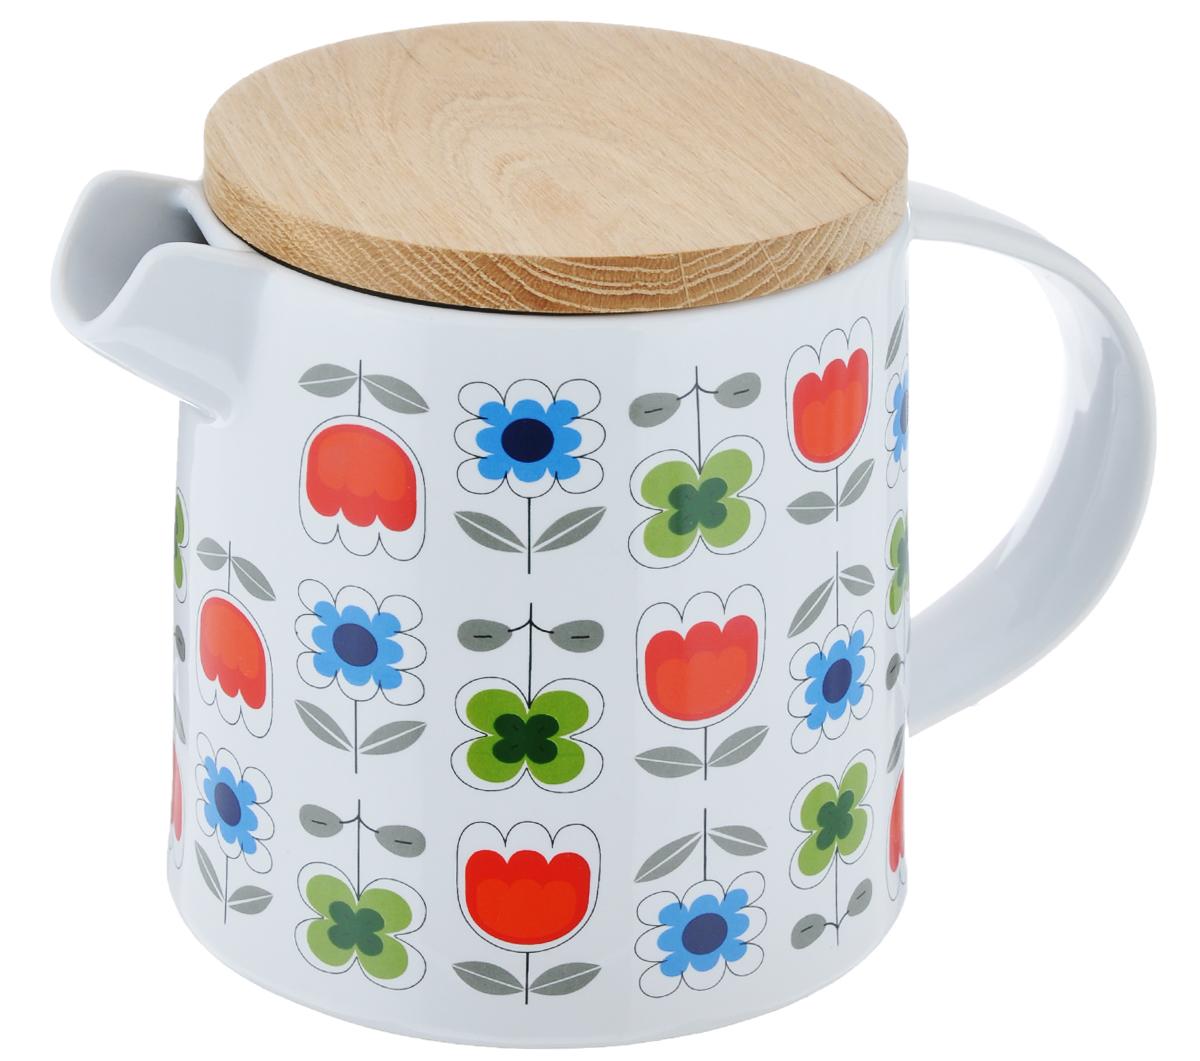 Чайник заварочный Sagaform Retro, 1,3 л5016018Чайник Sagaform Retro изготовлен из высококачественной керамики и предназначен для заваривания чая. Крышка чайника изготовлена из высокопрочной древесины и оснащена силиконовым ободом. Изделие декорировано ярким красочным рисунком. Чайник станет отличным дополнением к вашему кухонному инвентарю, а также украсит сервировку стола и подчеркнет прекрасный вкус хозяина. Диаметр чайника (по верхнему краю): 10 см. Диаметр основания чайника: 13,5 см. Высота чайника (без учета крышки): 13,5 см.